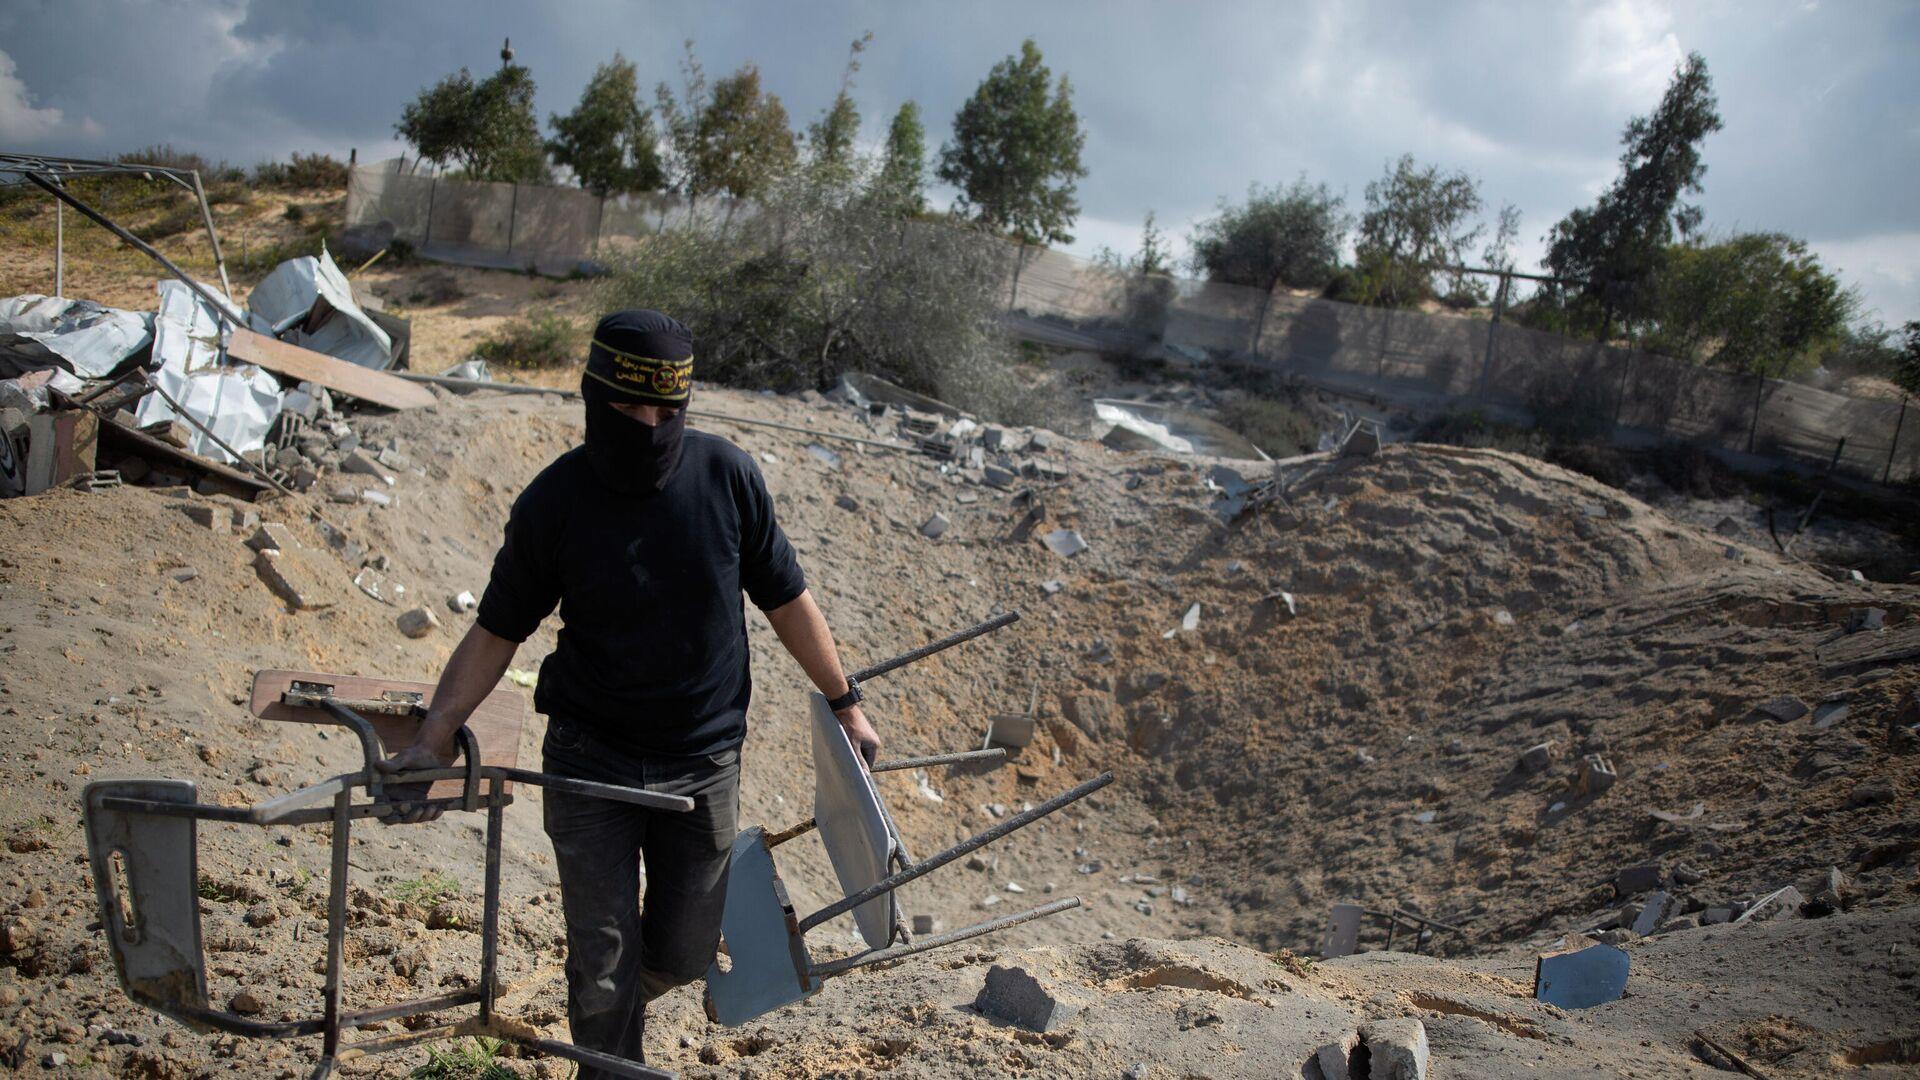 Ущерб, нанесенный израильскими авиаударами военной базе Исламский джихад в городе Хан-Юнис в южной части сектора Газа. 24 февраля 2020 - РИА Новости, 1920, 24.04.2021